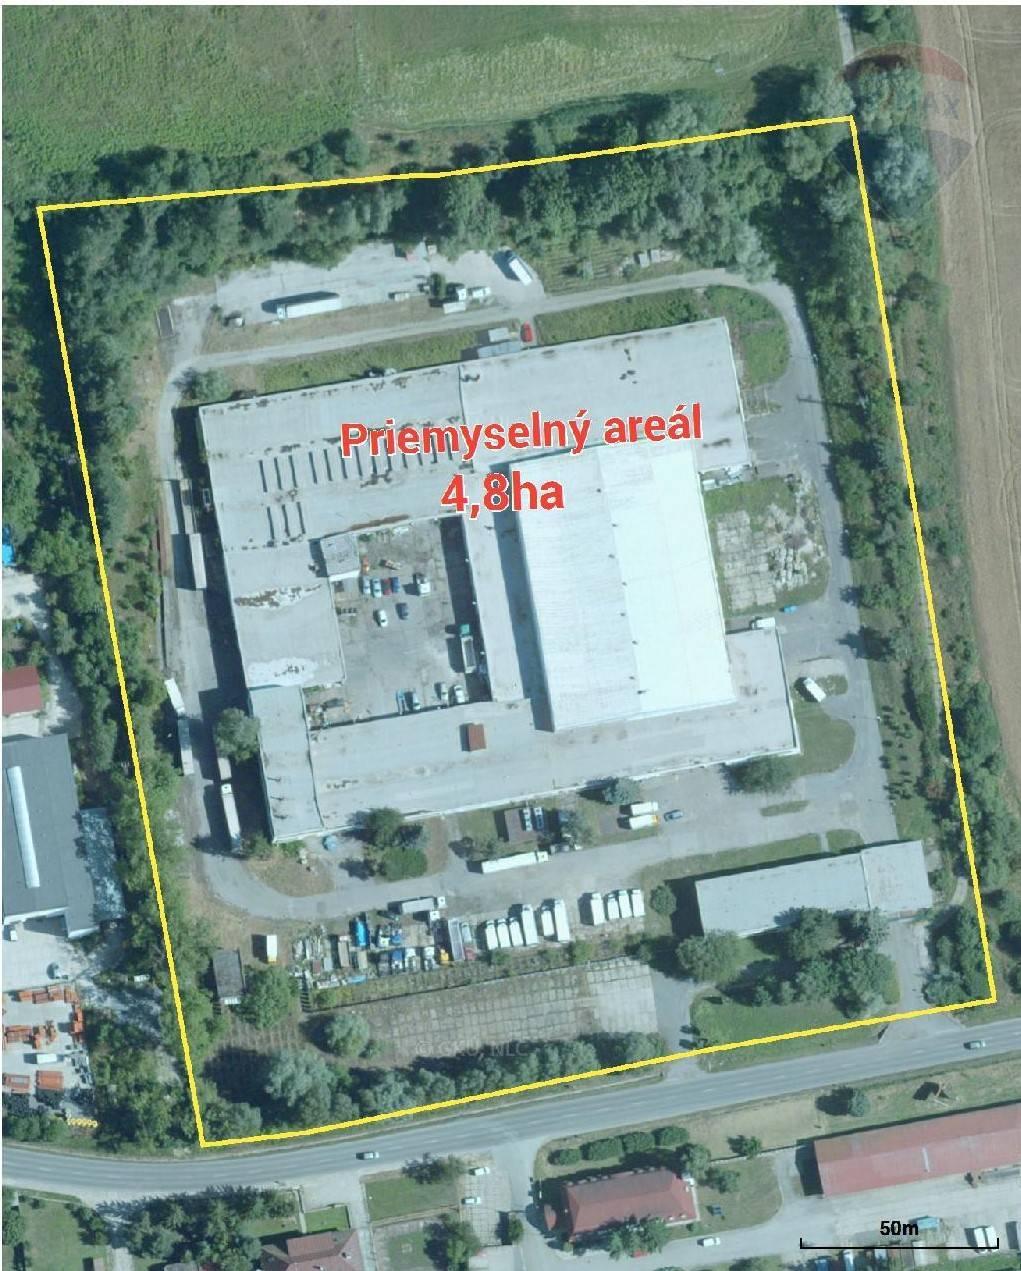 PREDAJ: Veľký priemyselný areál  pri Zvolene 5,6ha, Lieskovská cesta, Zvolen